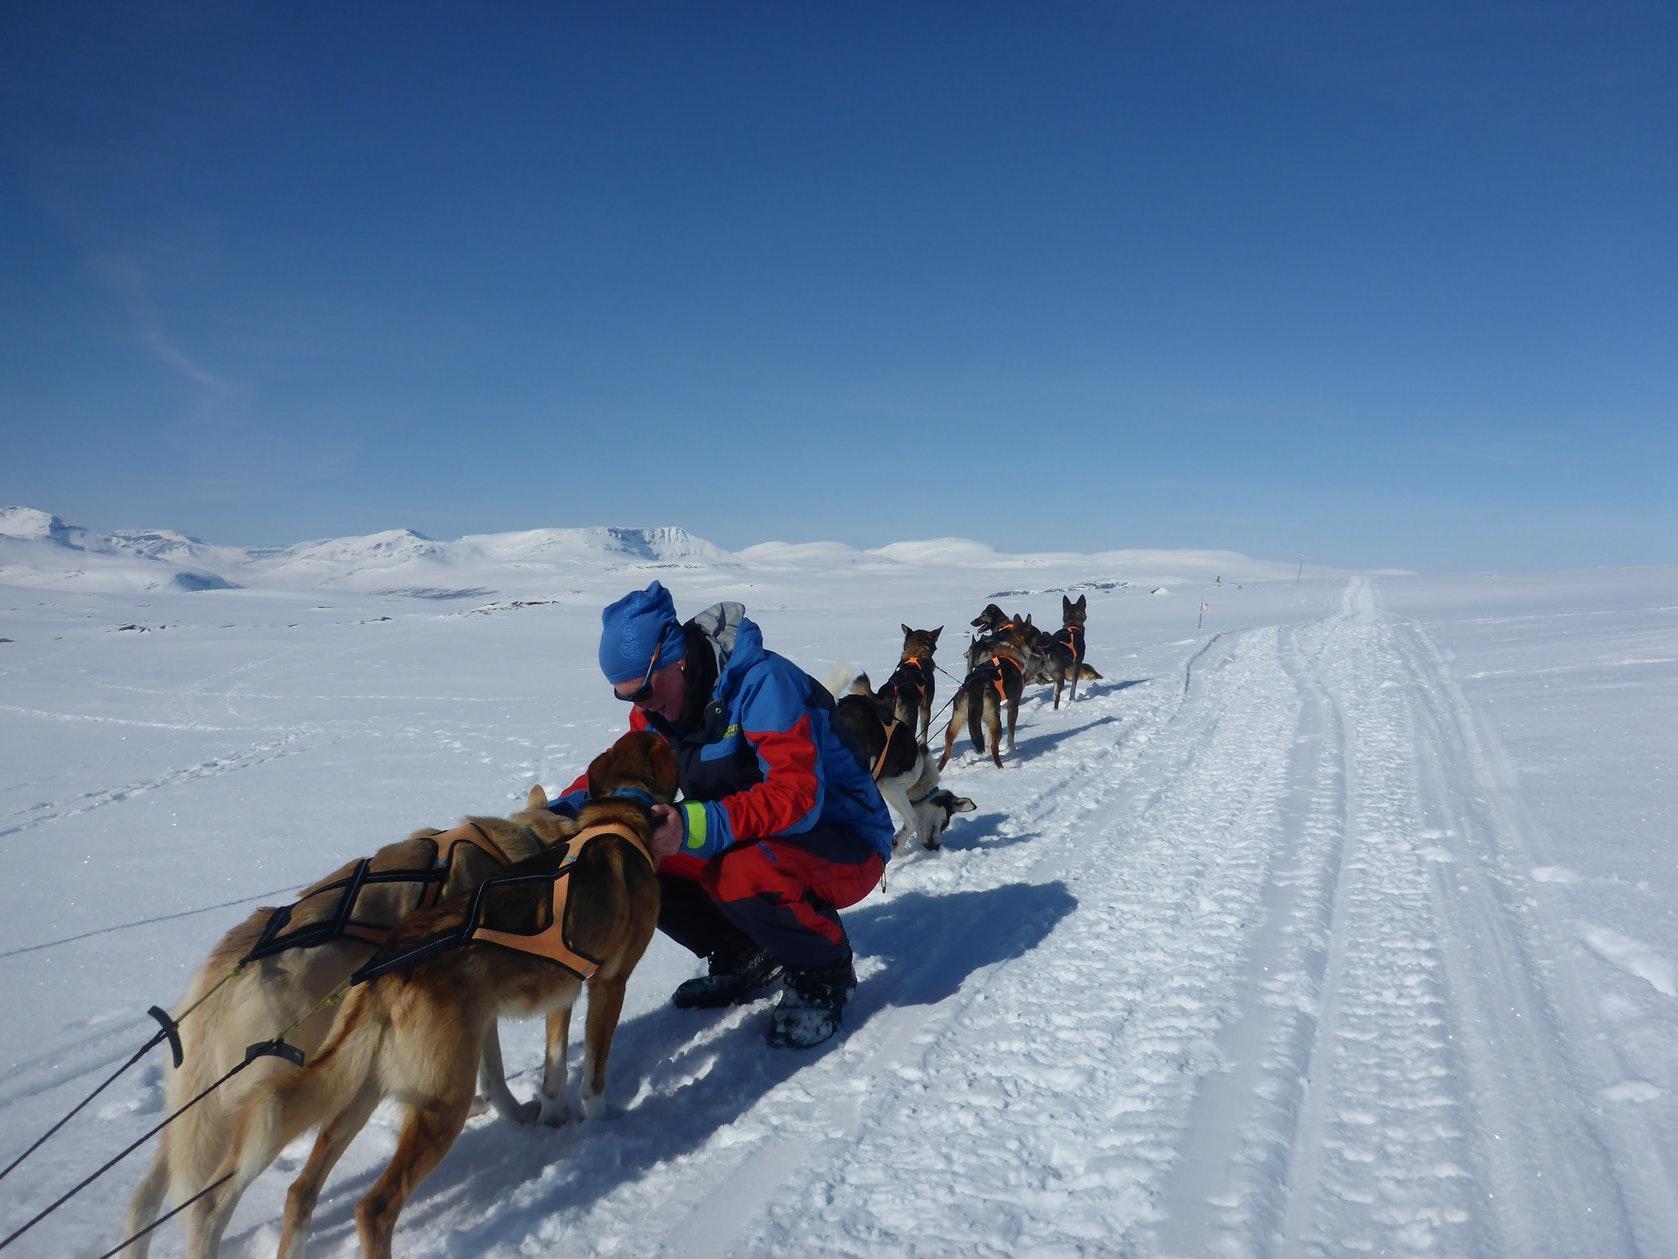 wintertour_mountaintour_expedition_11